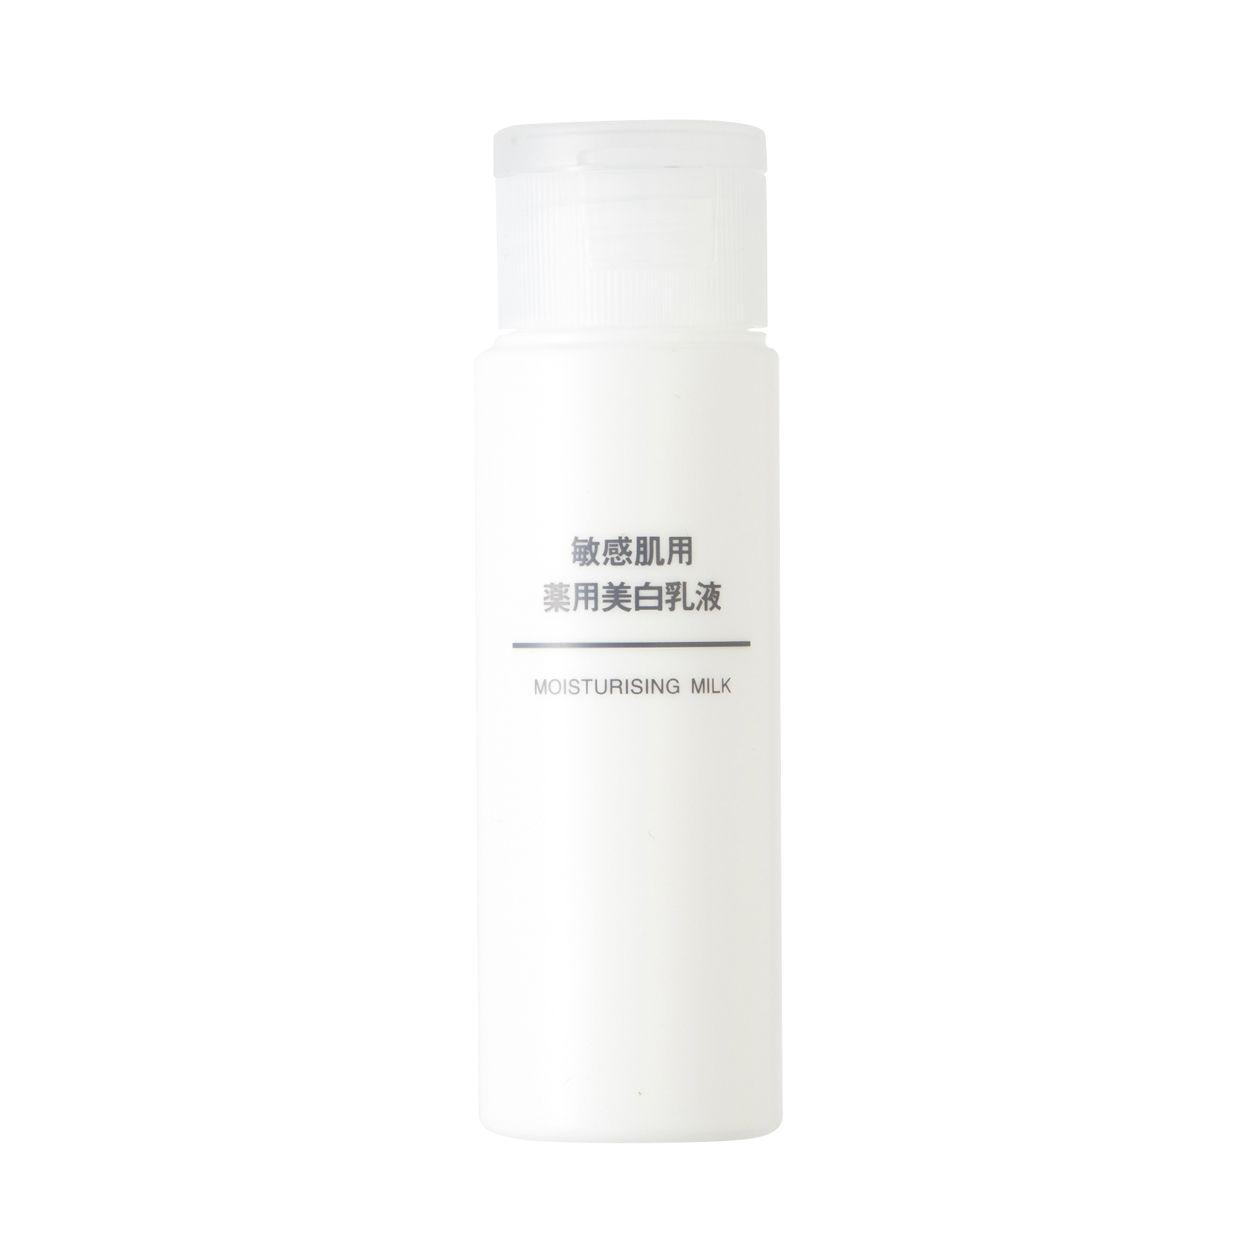 敏感肌用薬用美白乳液(携帯用)